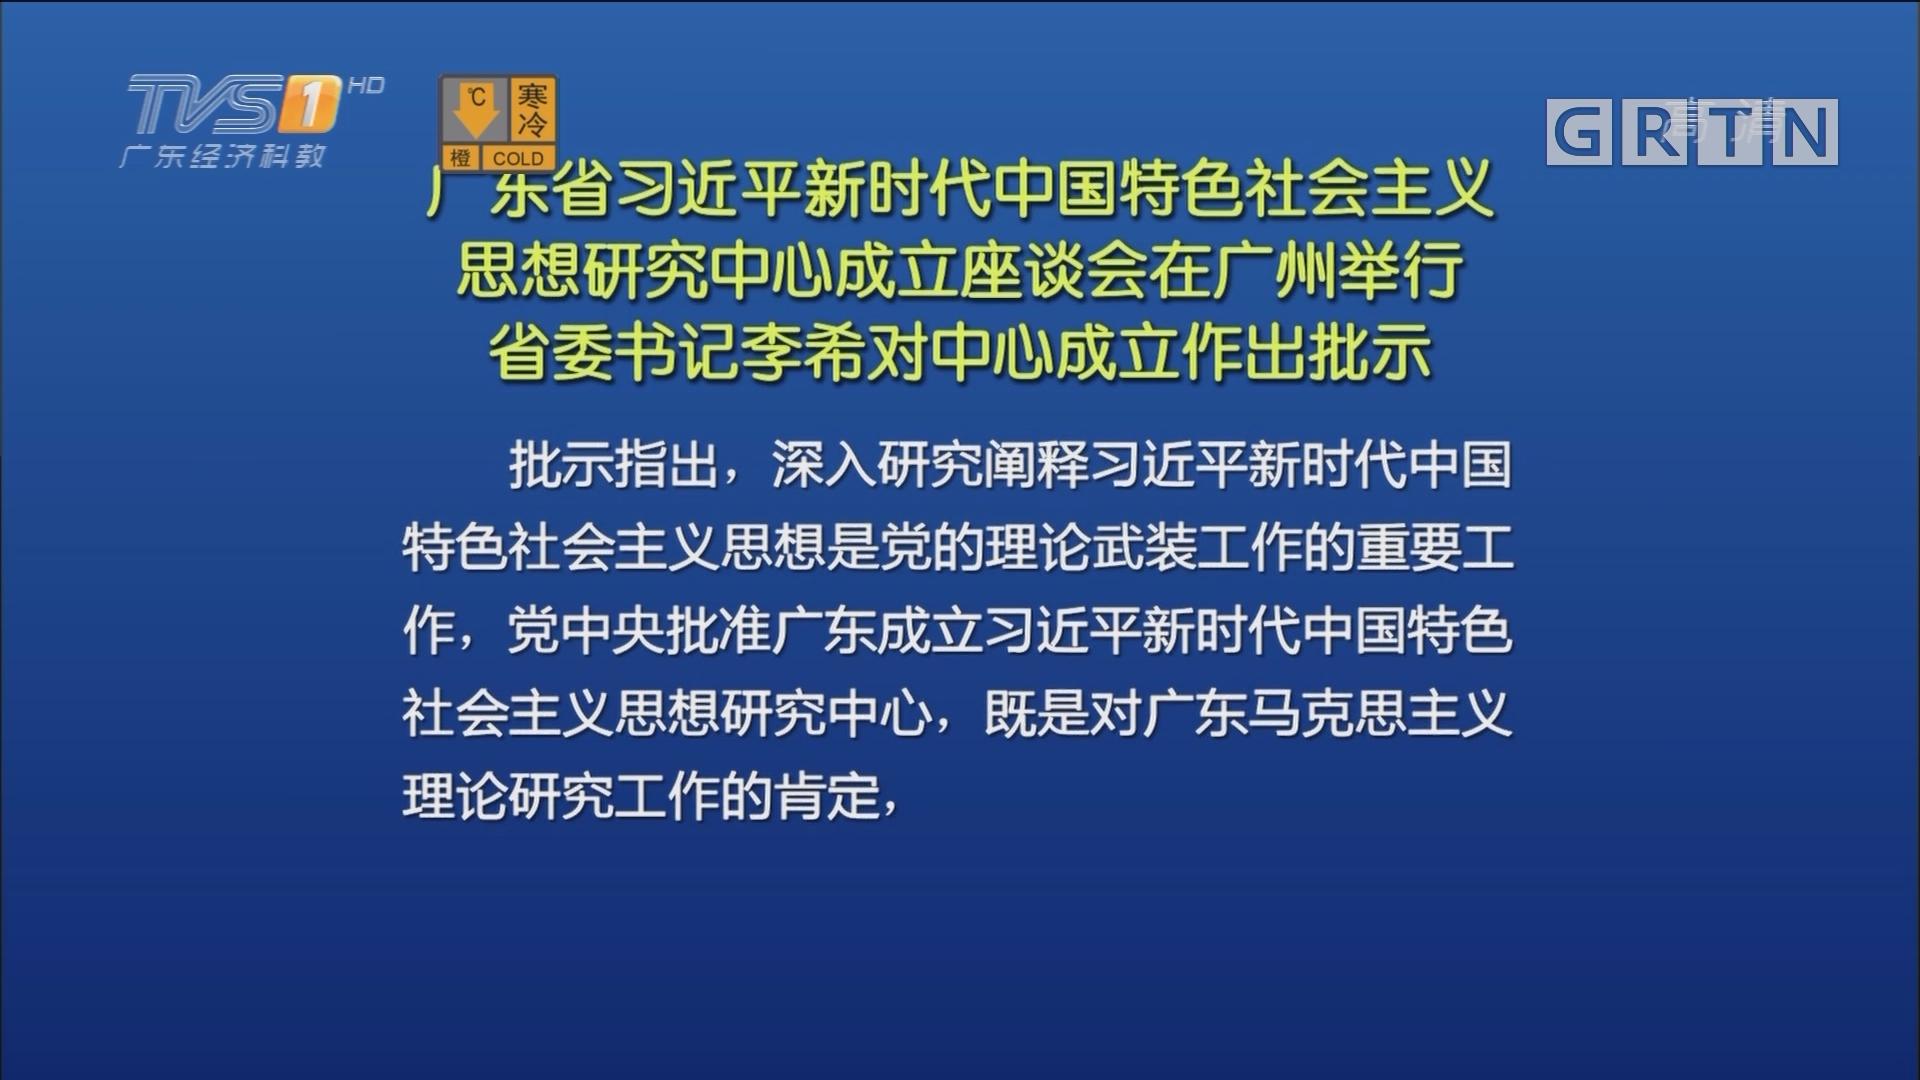 广东省习近平新时代中国特色社会主义思想研究中心成立座谈会在广州举行 省委书记李希对中心成立作出批示